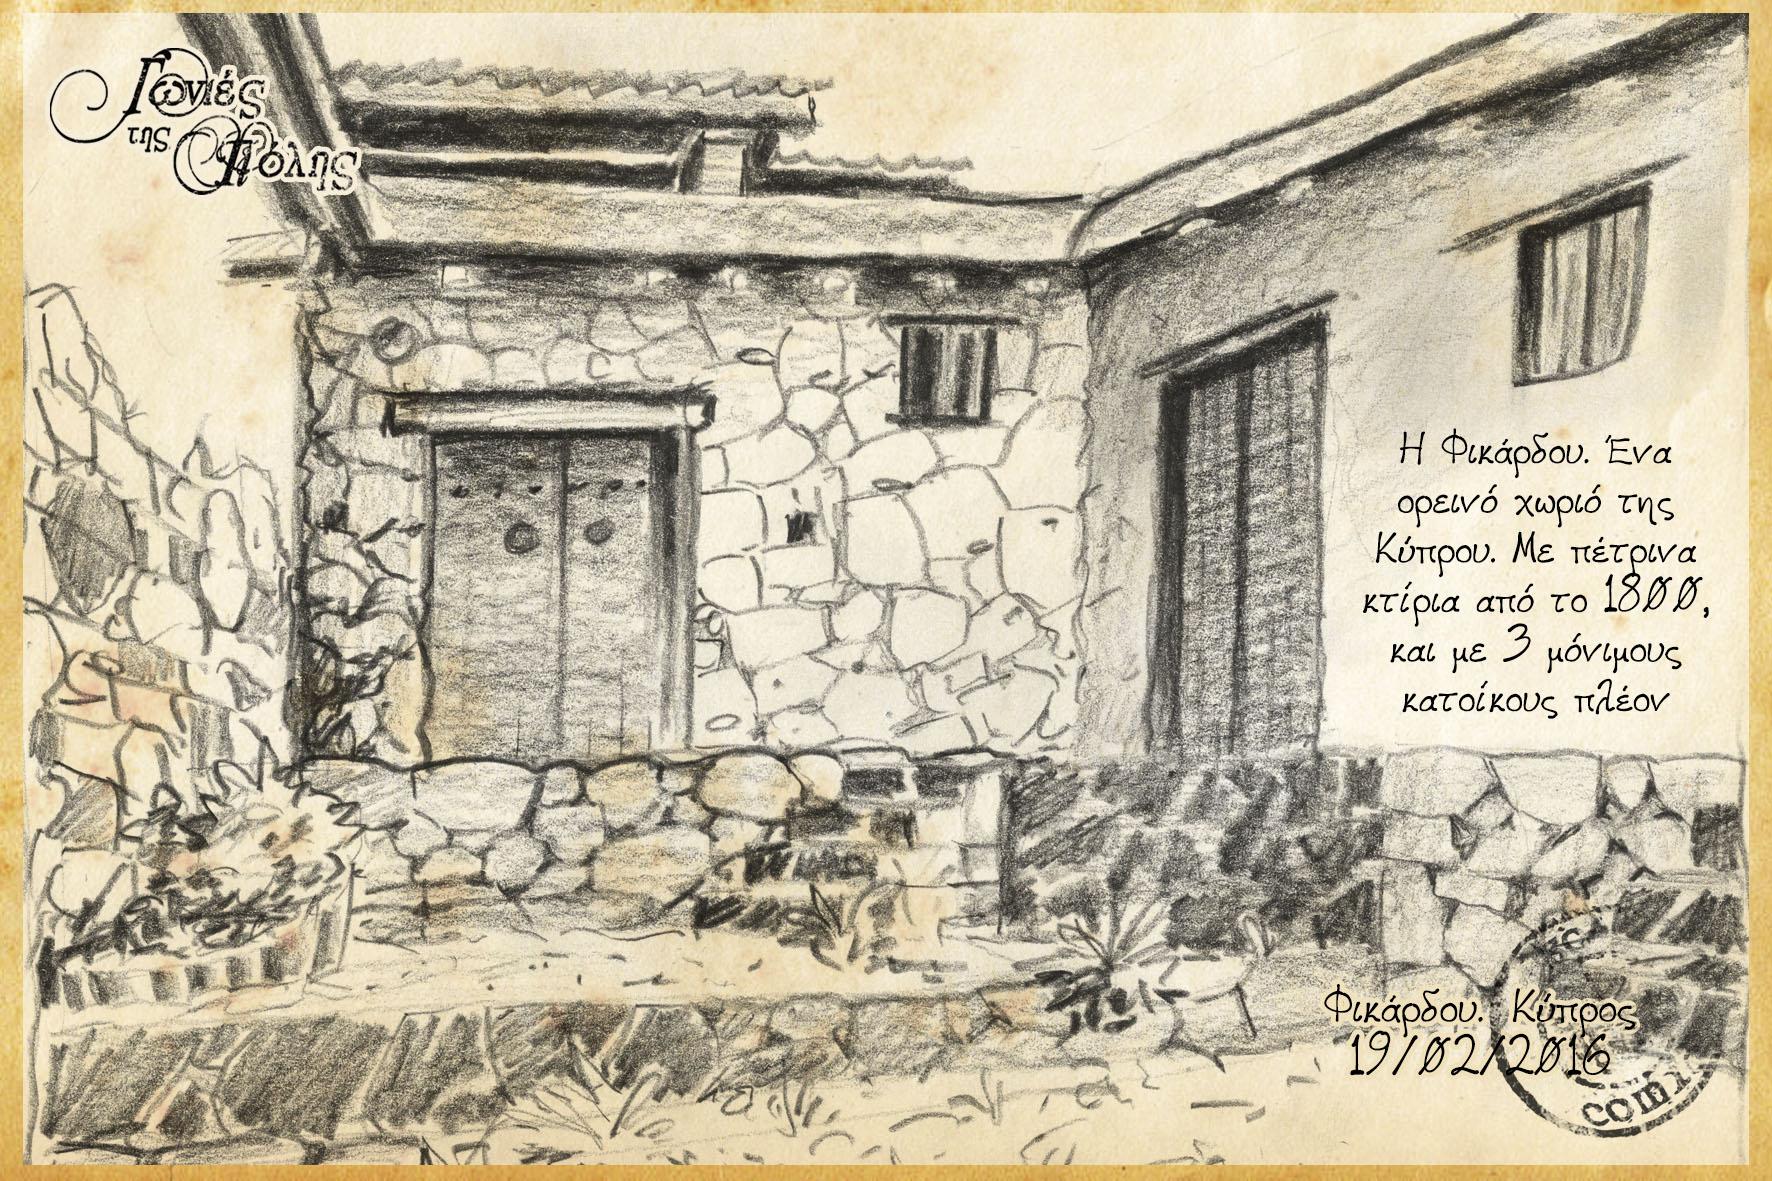 postcard-socomic_kotsifas_1